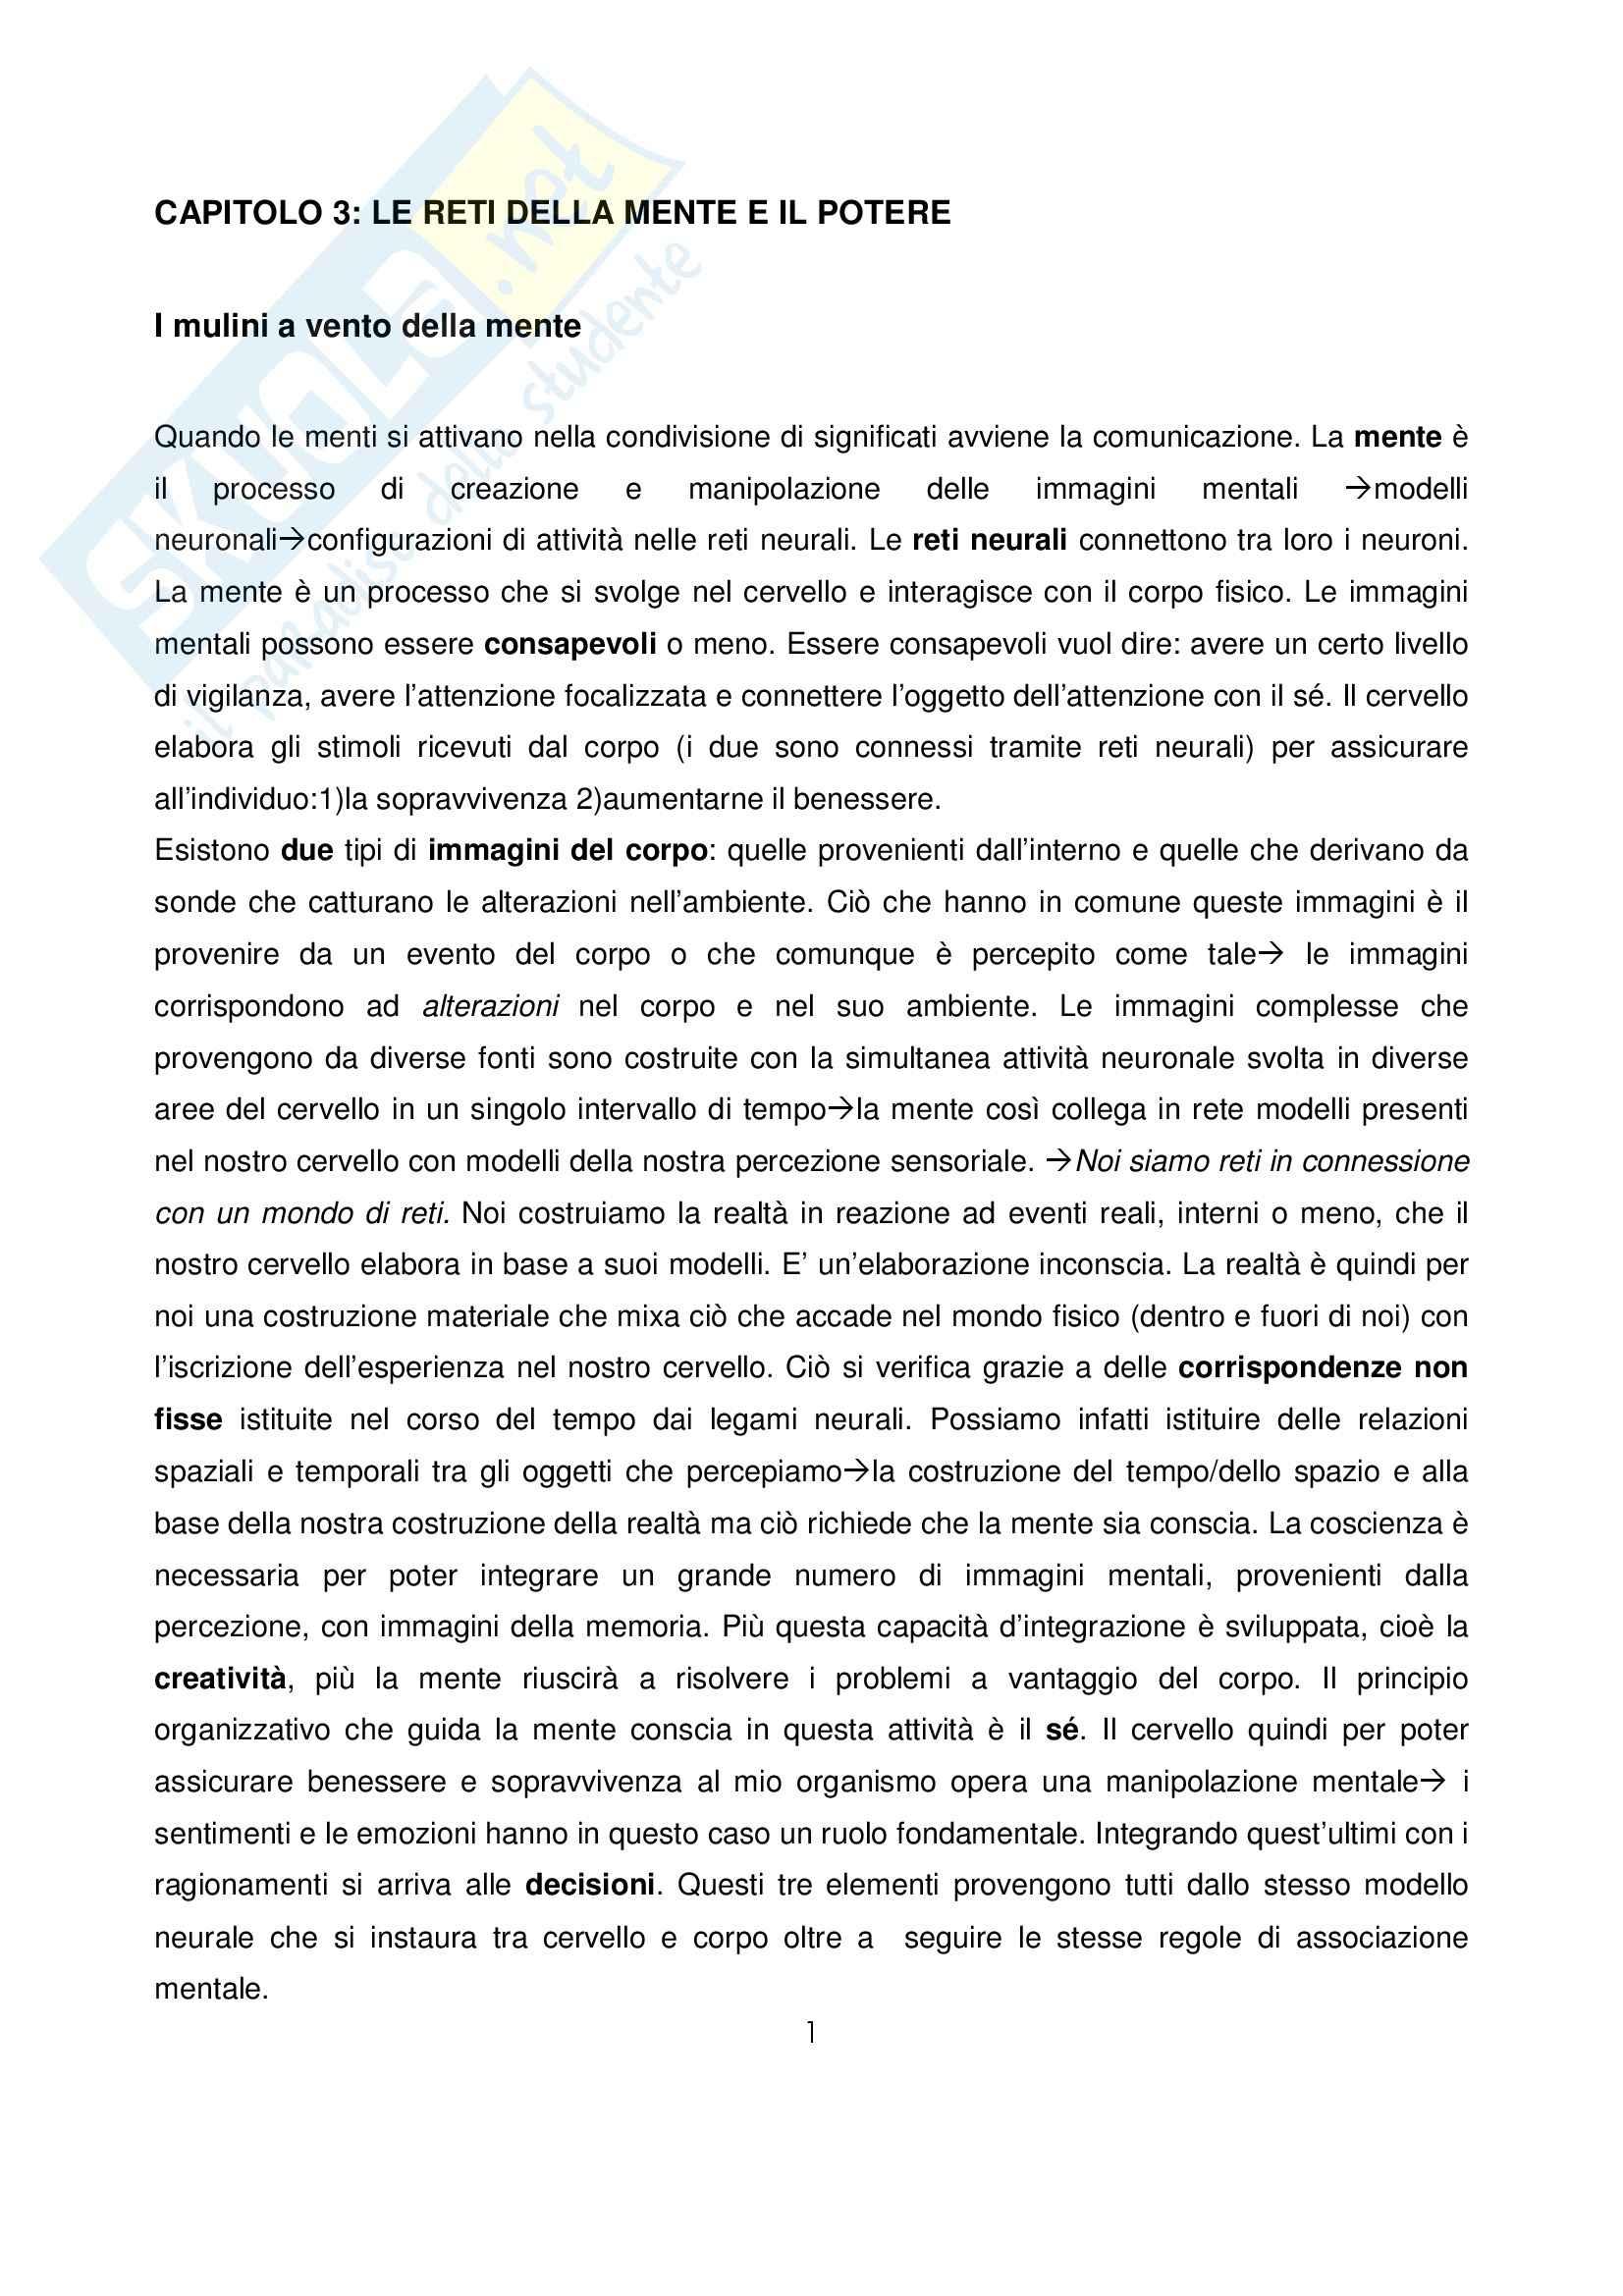 Comunicazione e potere - Castells (cap.3)